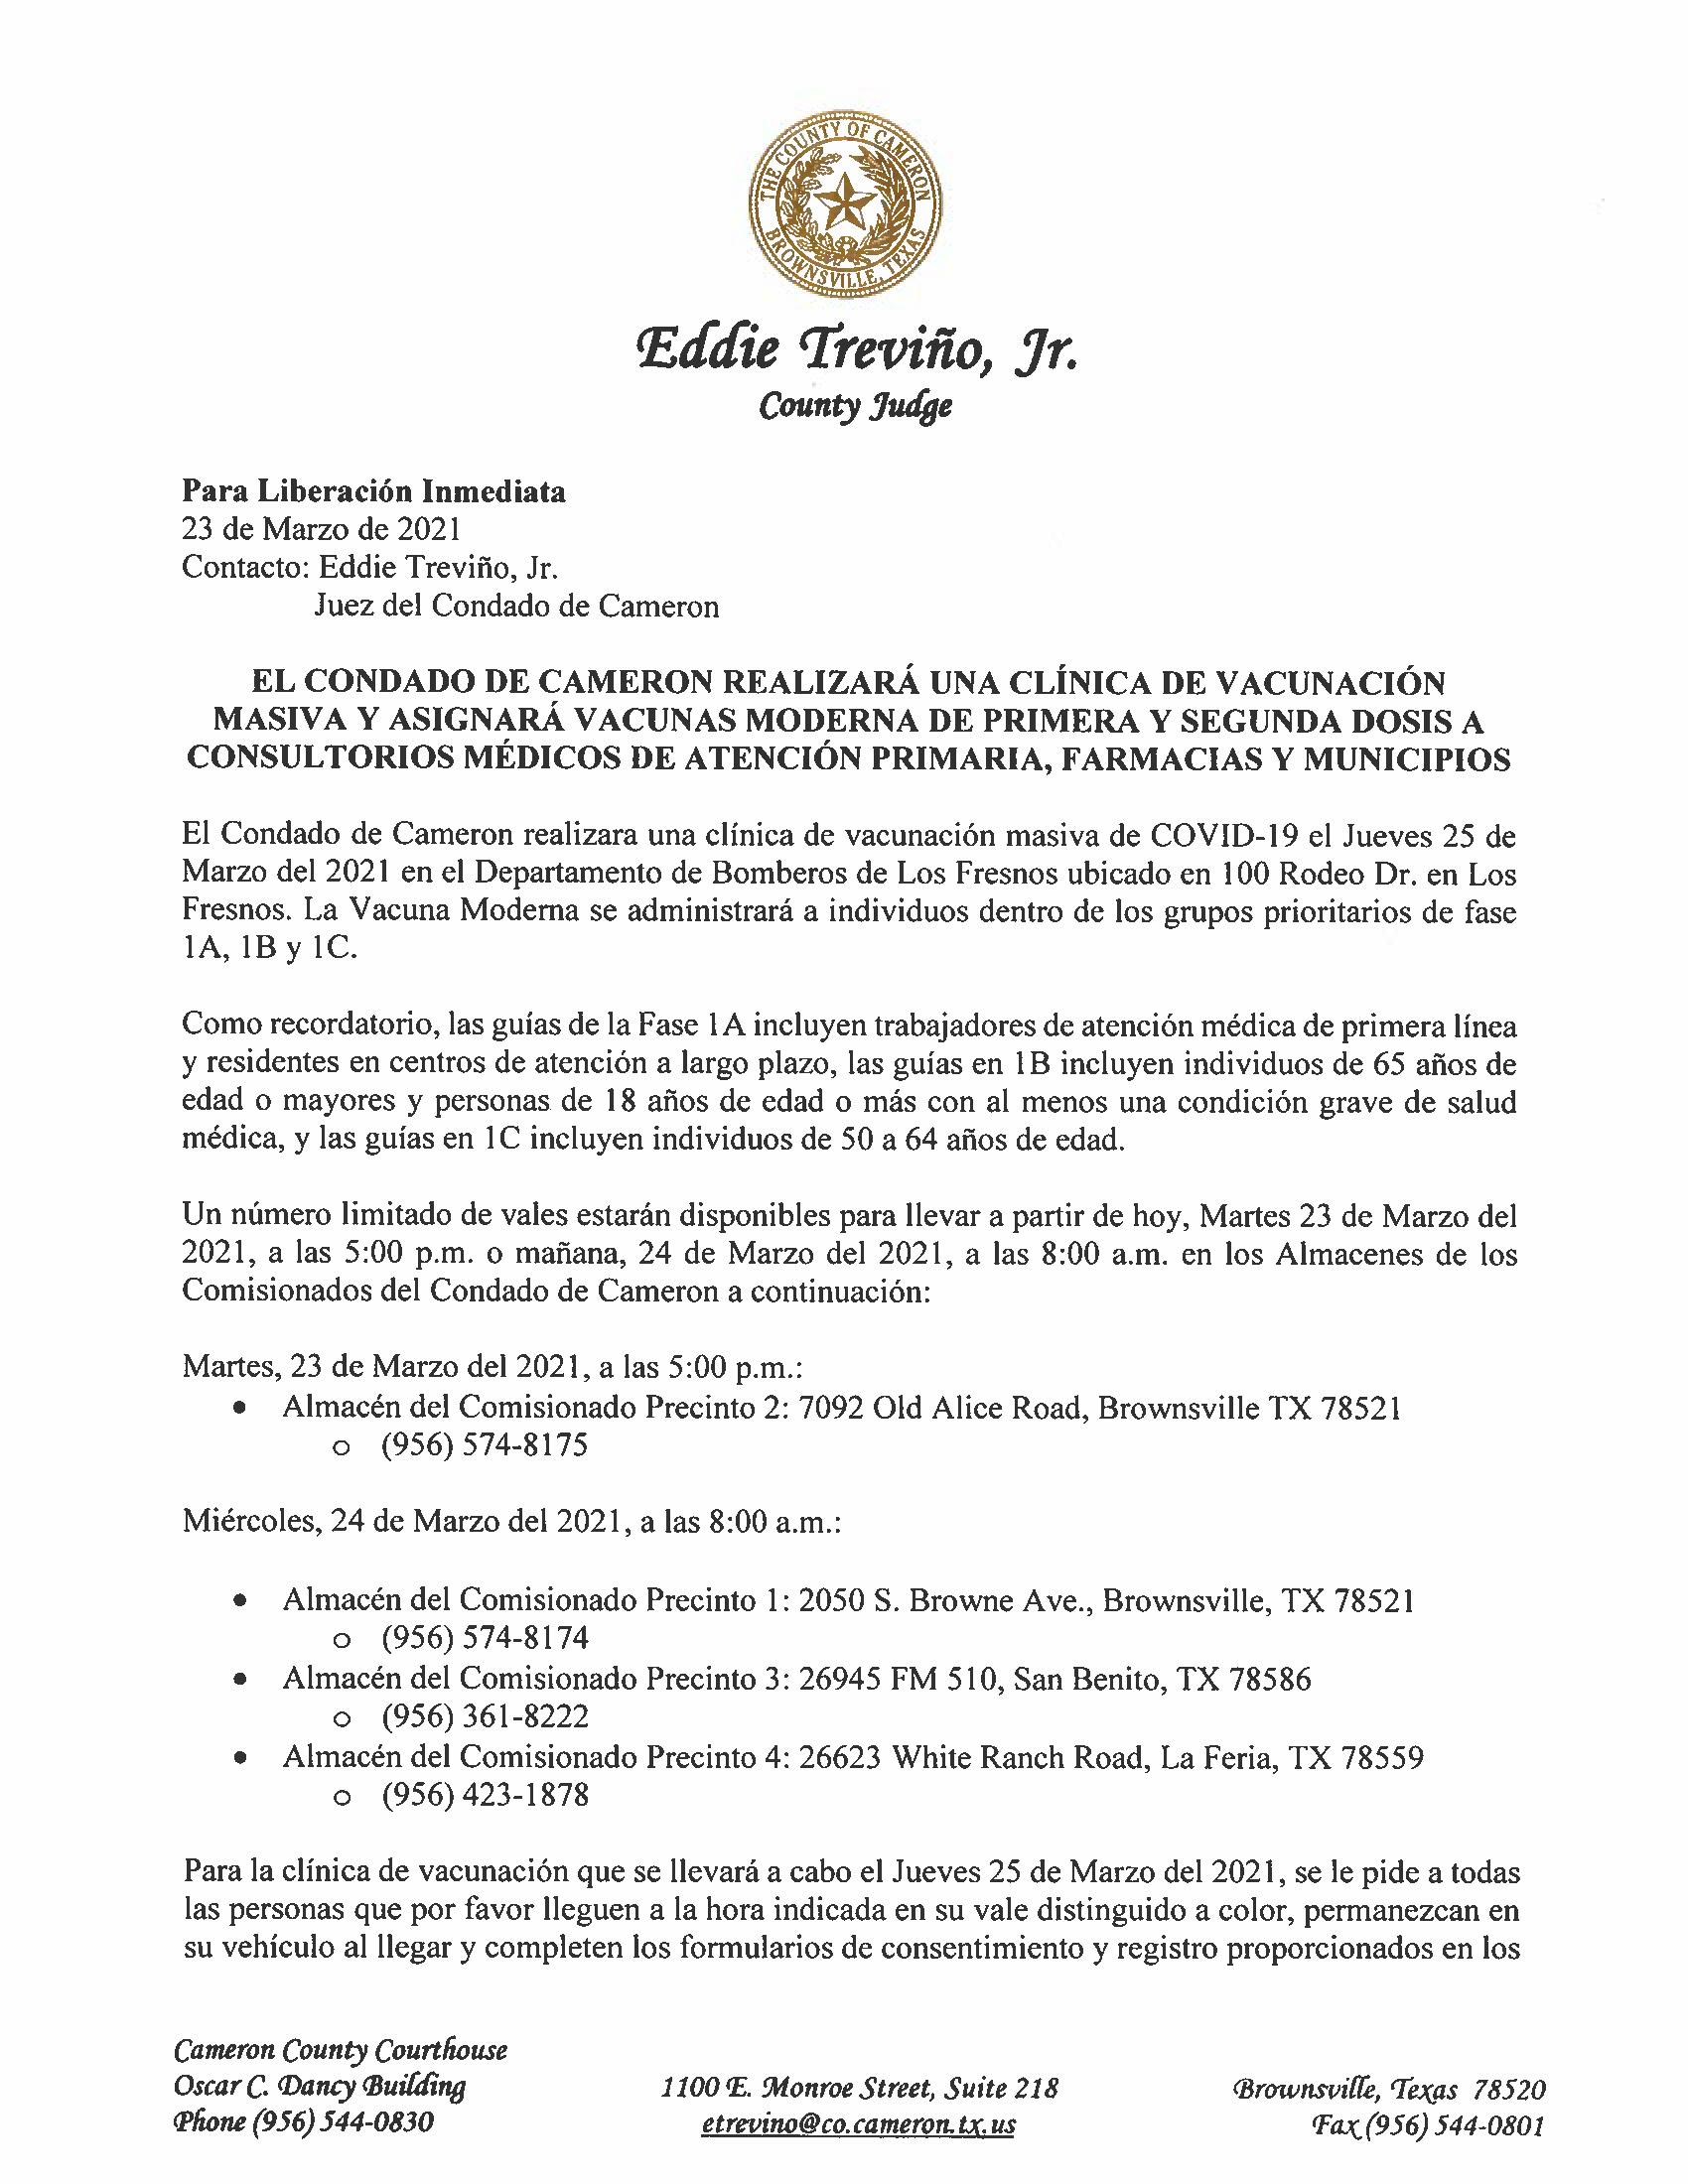 3.23.21 Condado De Cameron Realizara Una Clinica De Vacunacion Masica Y Asignara Vacunas Moderna De Primera